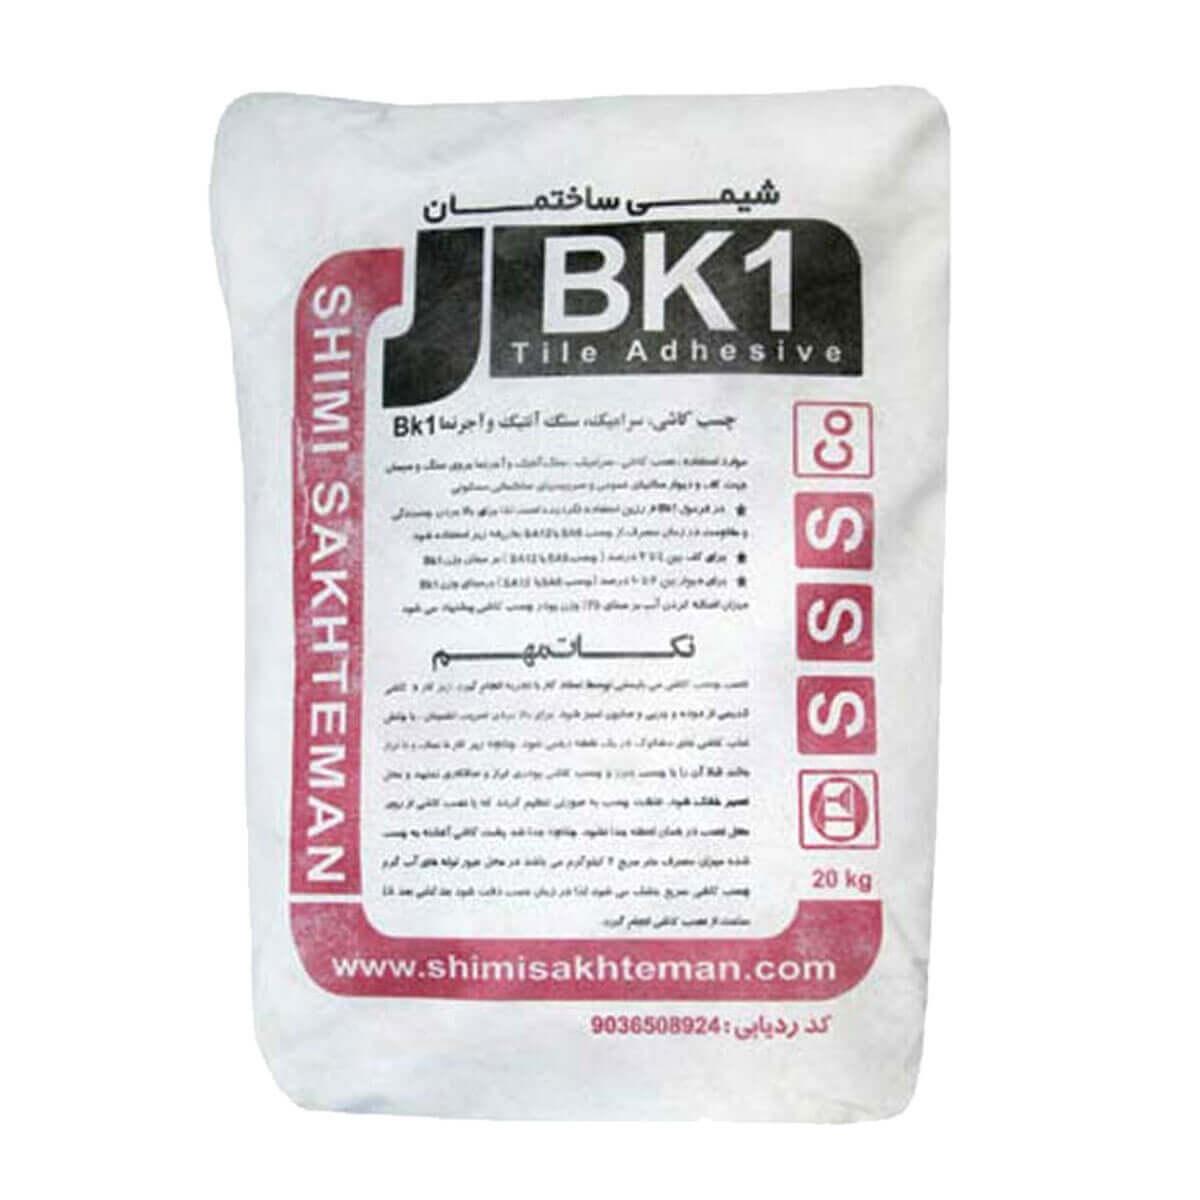 چسب کاشی شیمی ساختمان BK1 پودری